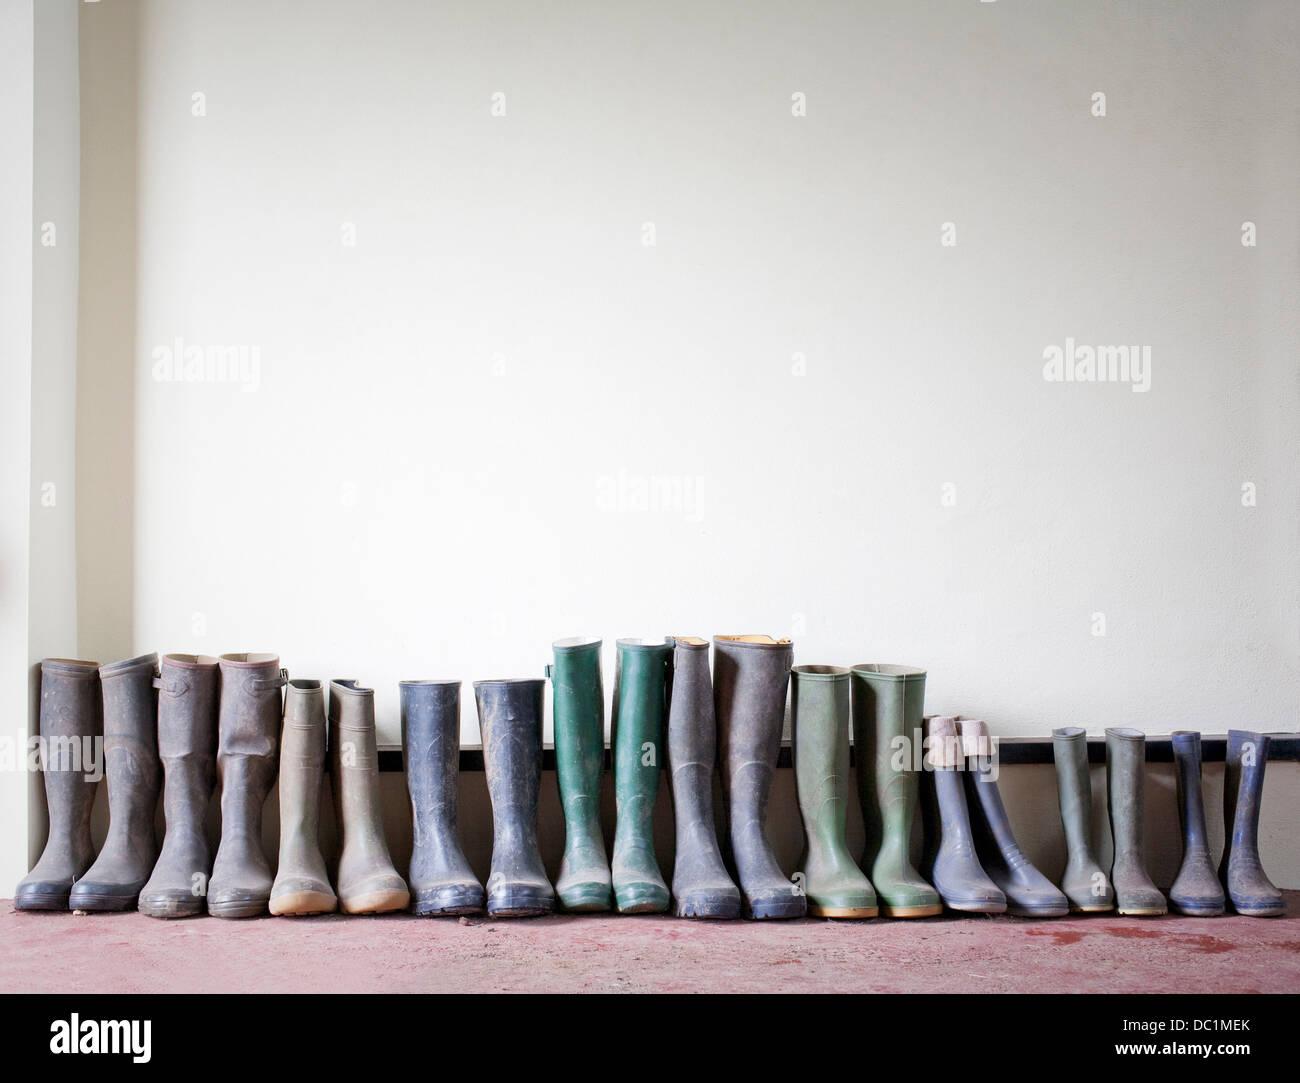 Bottes en caoutchouc dans une rangée Photo Stock